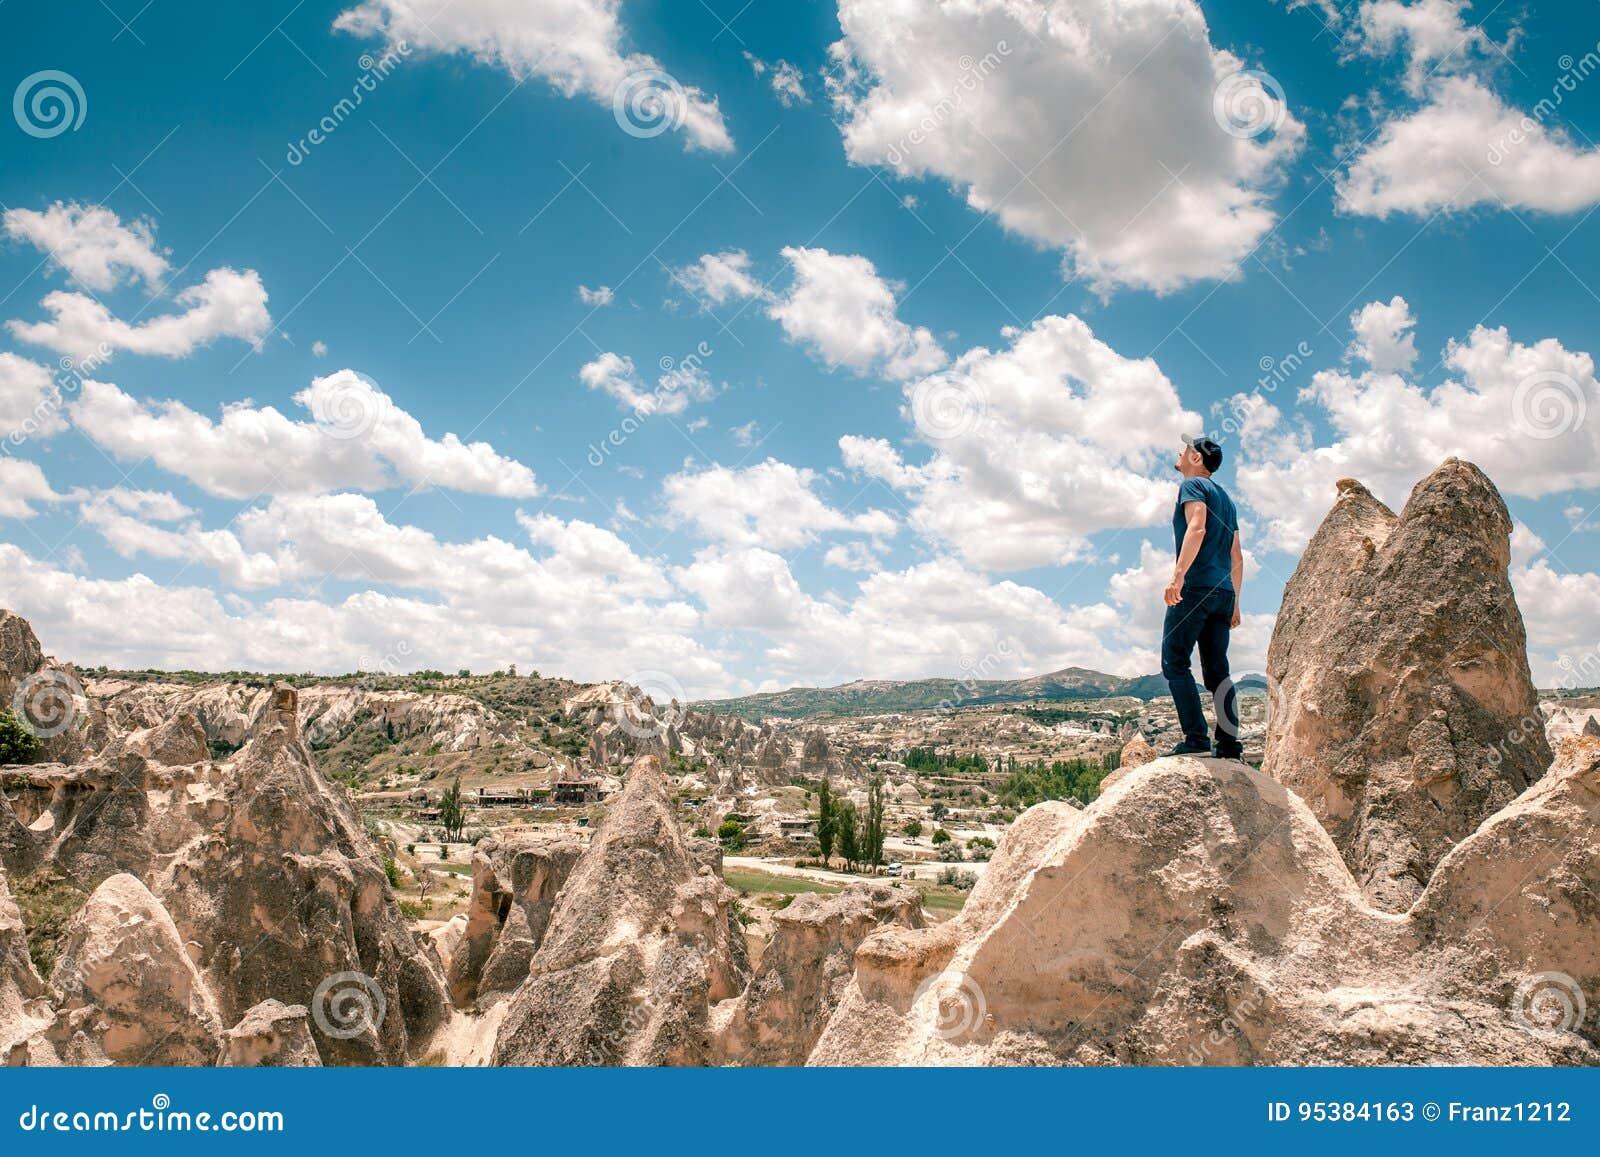 Um homem na parte superior de um monte em Cappadocia em Turquia olha acima às nuvens surpreendentes Curso, sucesso, liberdade, re